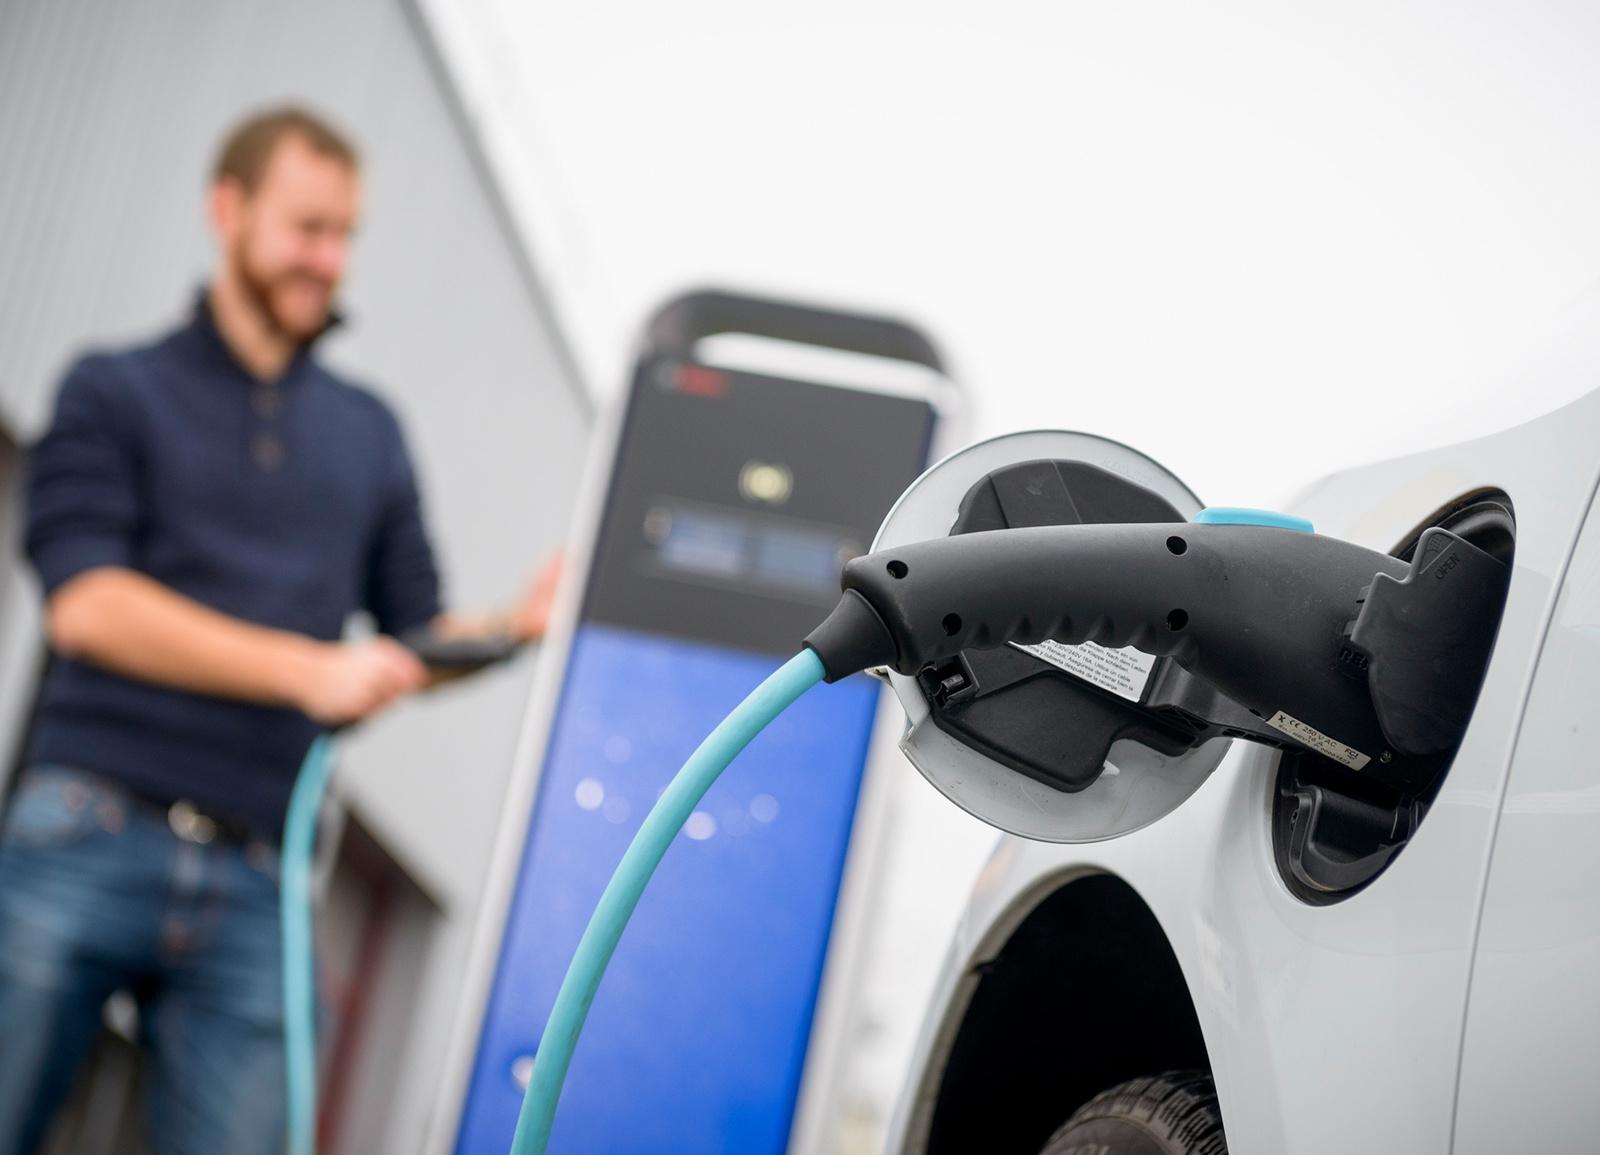 Vedúce postavenie na hromadnom trhu elektromobility